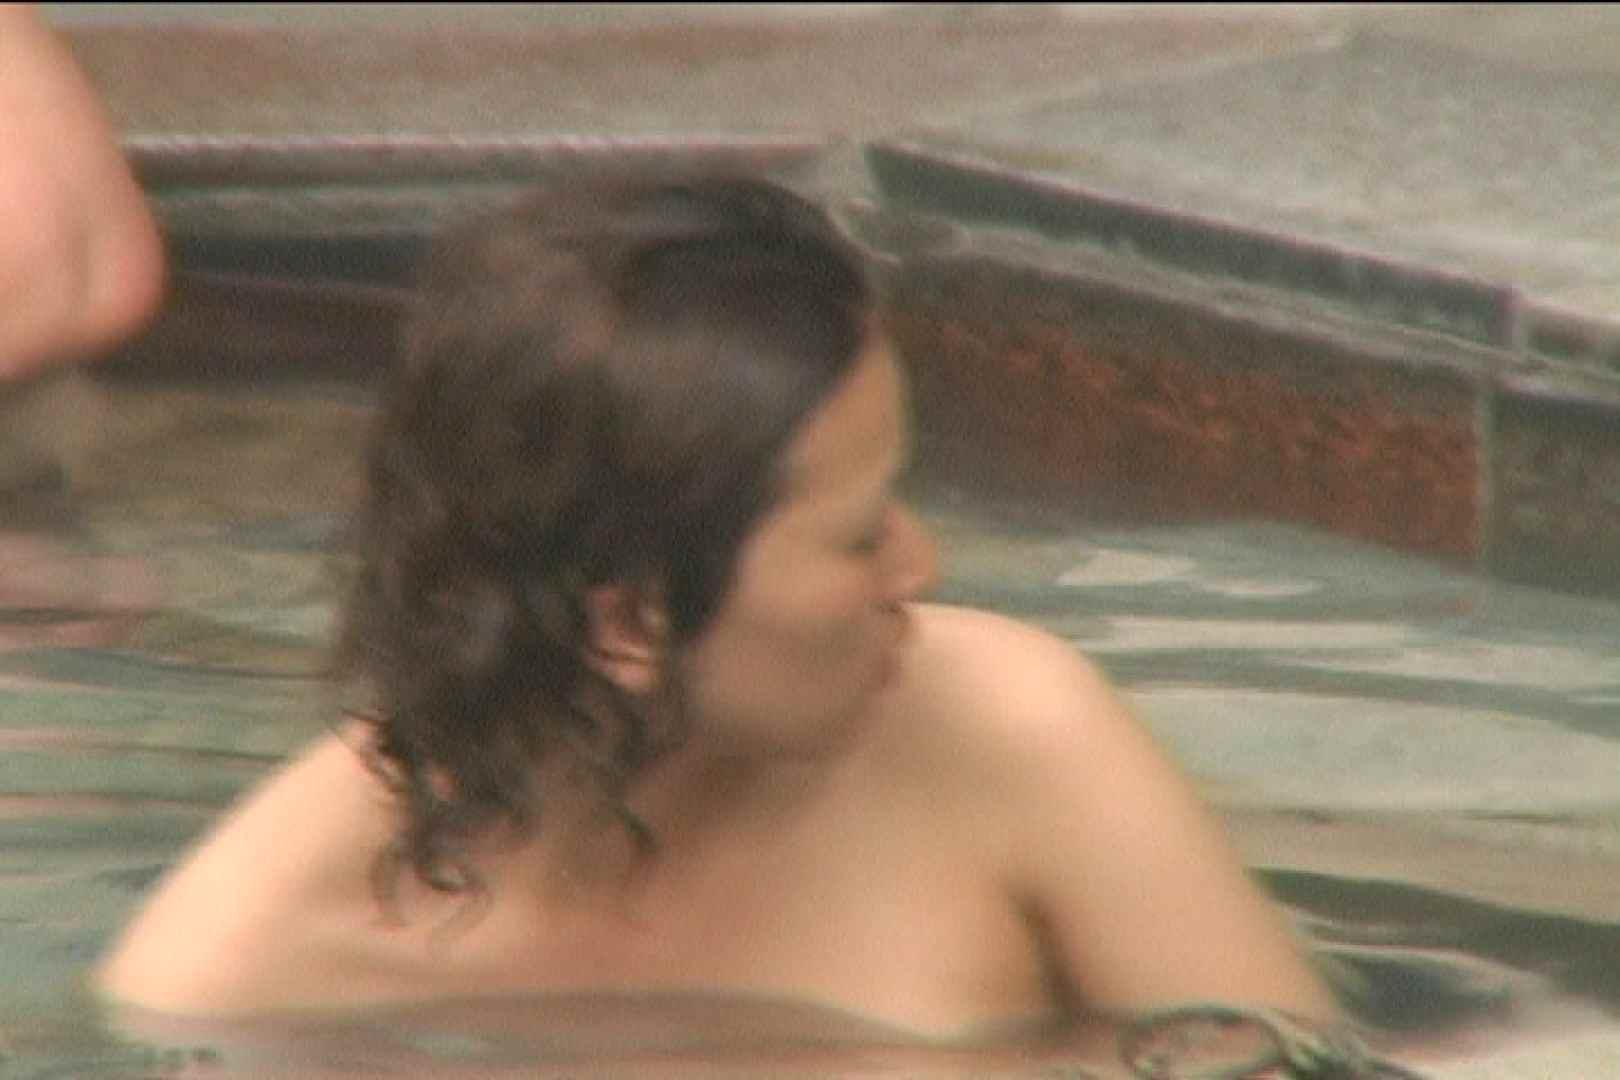 Aquaな露天風呂Vol.131 OLハメ撮り  108Pix 55